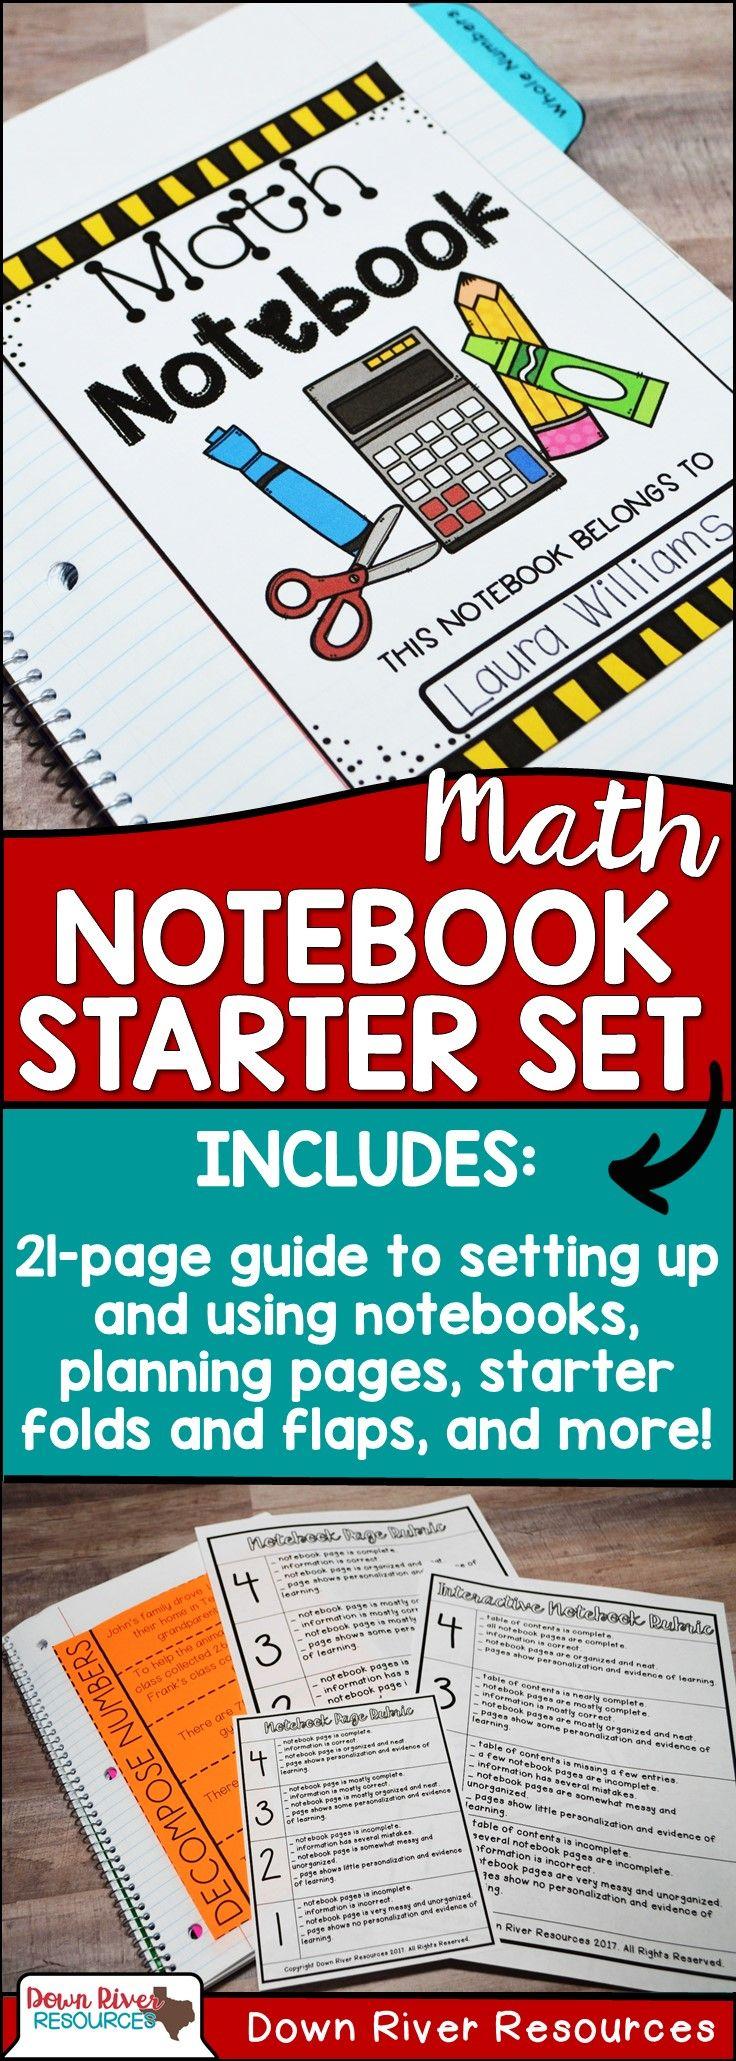 Math Interactive Notebook 1st Grade | Math Interactive Notebook 2nd Grade | Math Interactive Notebook 3rd Grade | Interactive Notebook Setup | Math Notebook Organization | Math Notebook Setup | Math Interactive Notebook Kindergarten | Math TEKS